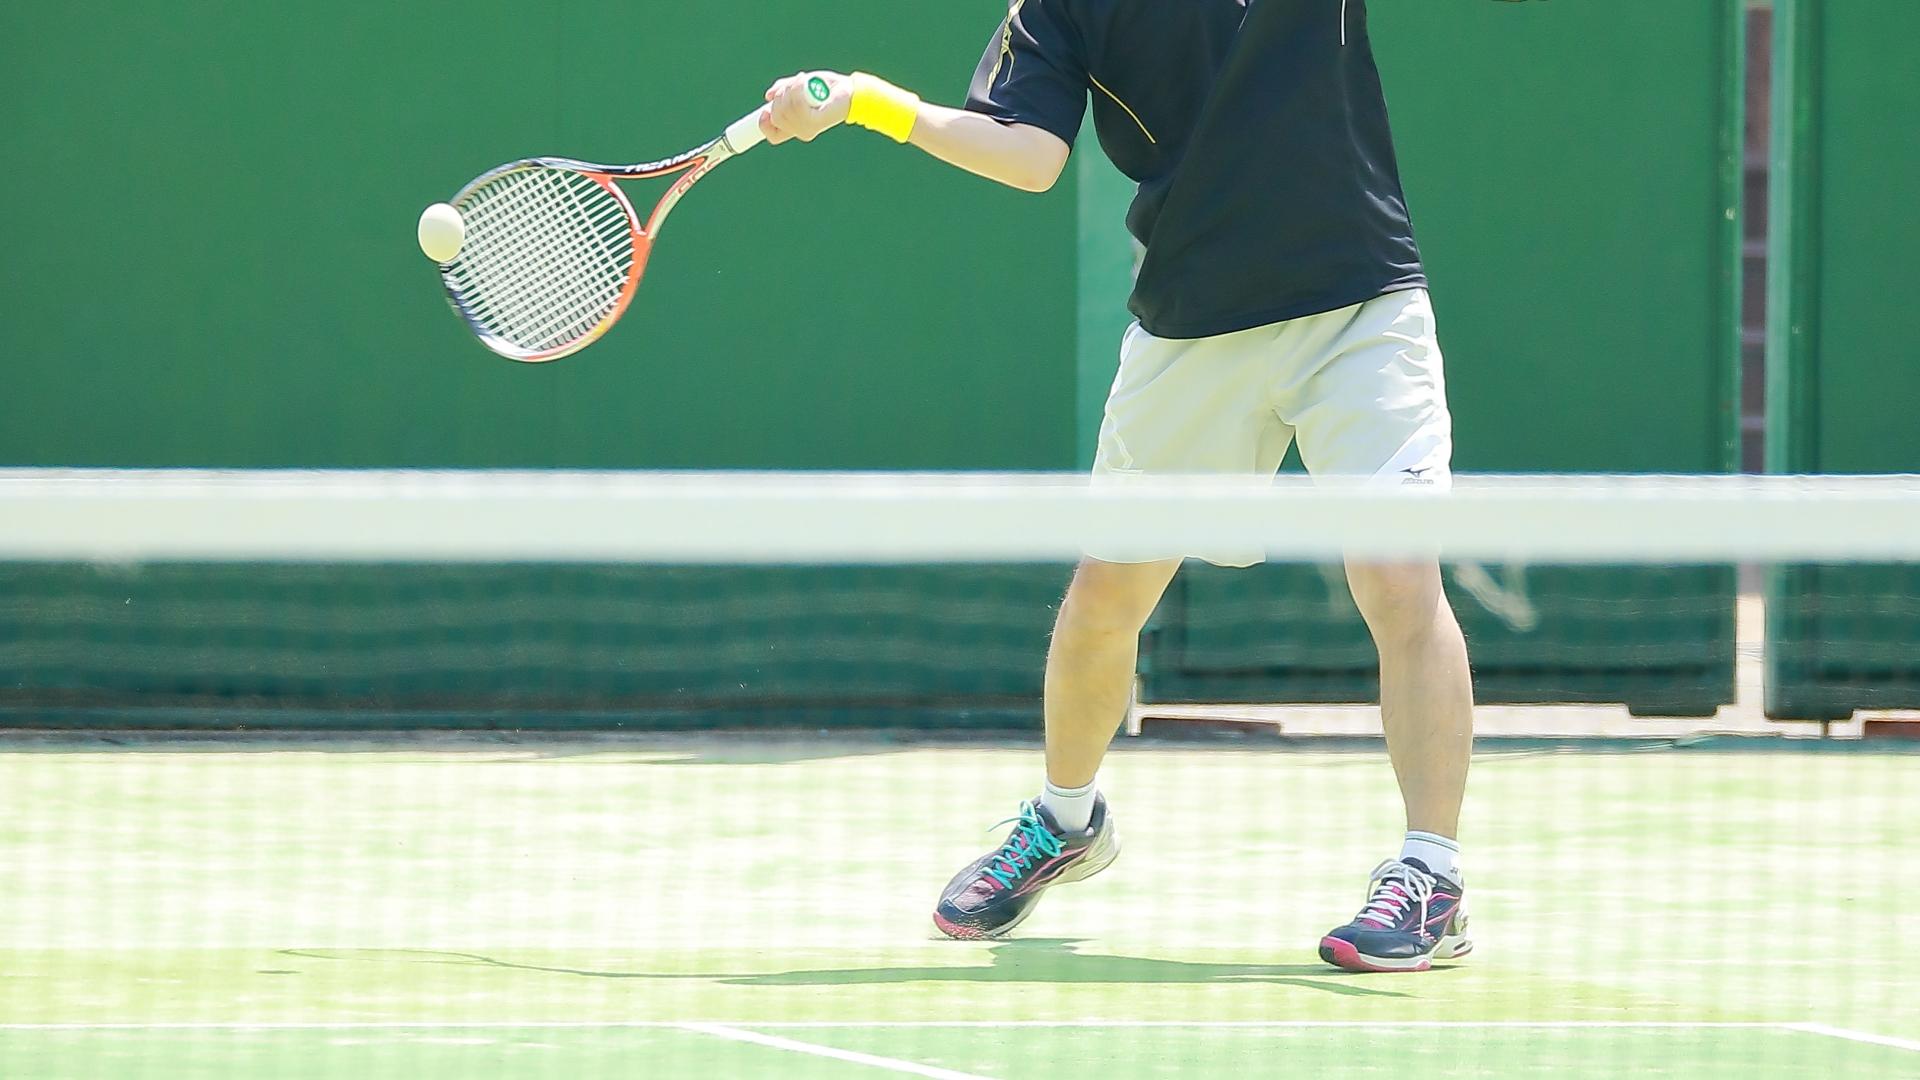 【テニスの基本】フォアハンドストローク打ち方・体の使い方